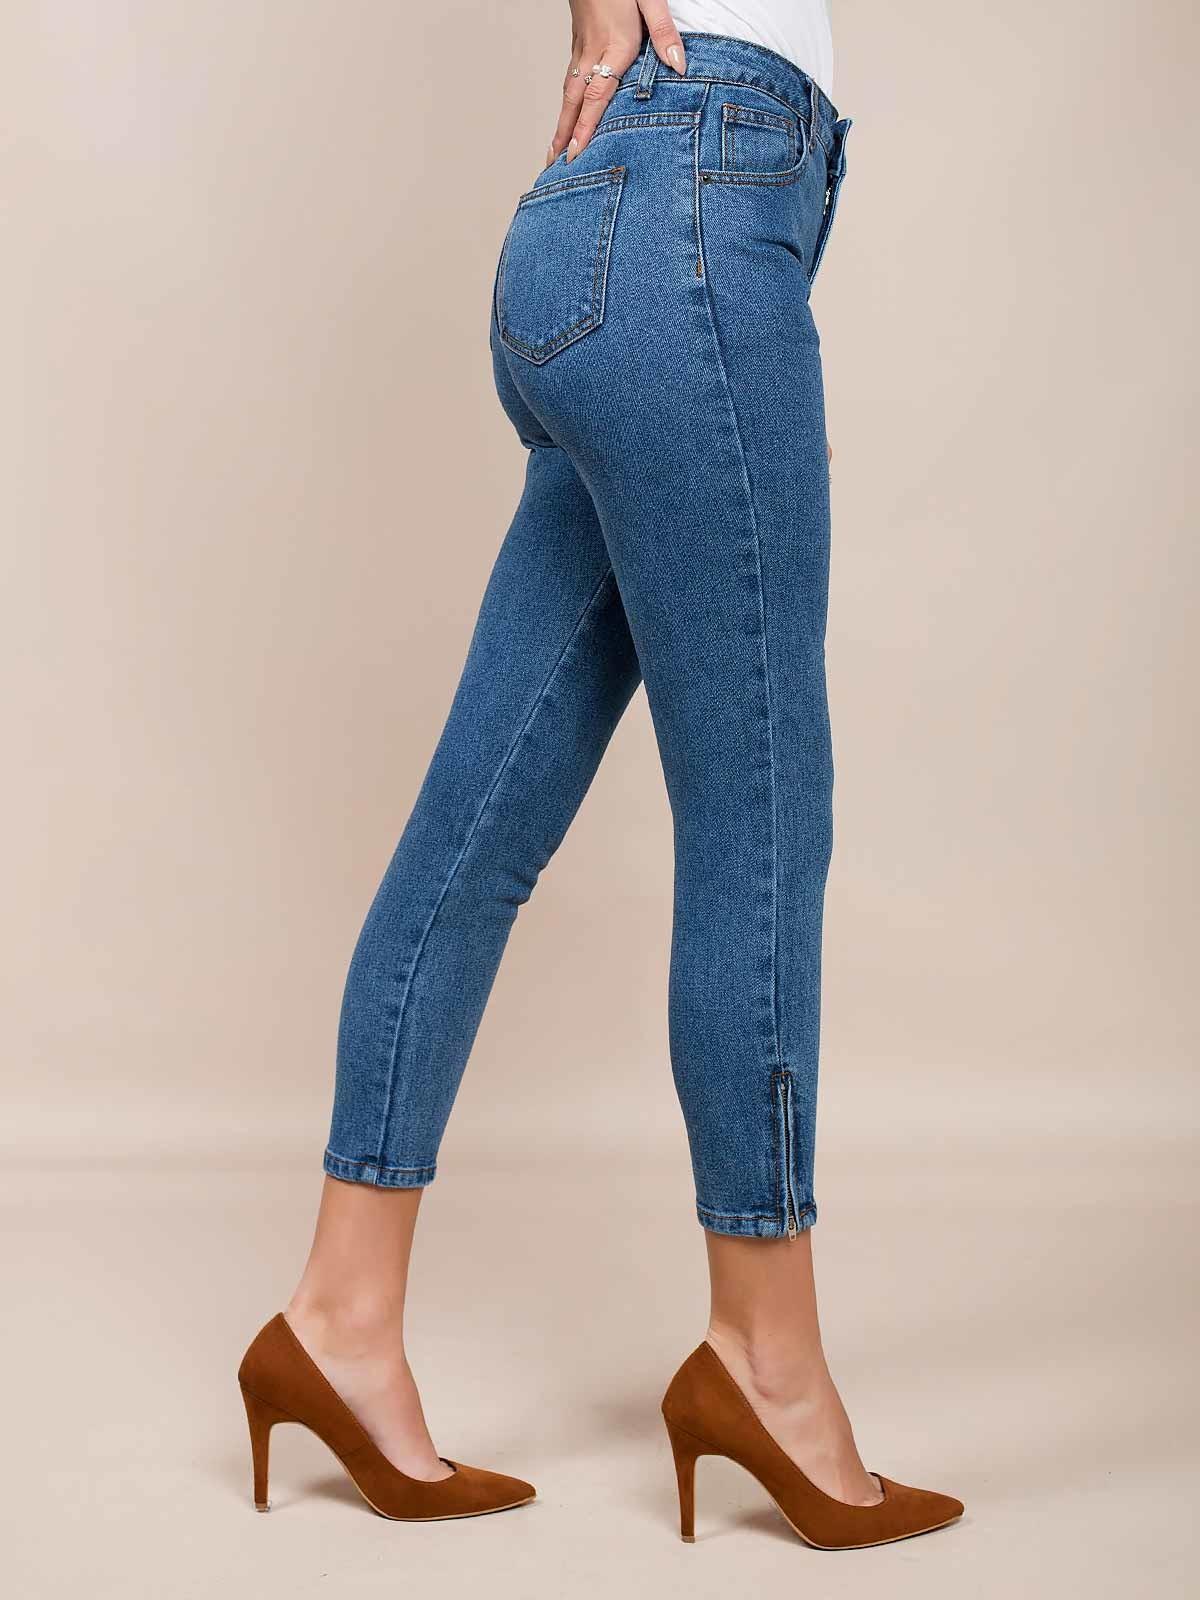 Calças ganga high waist jeans escuras